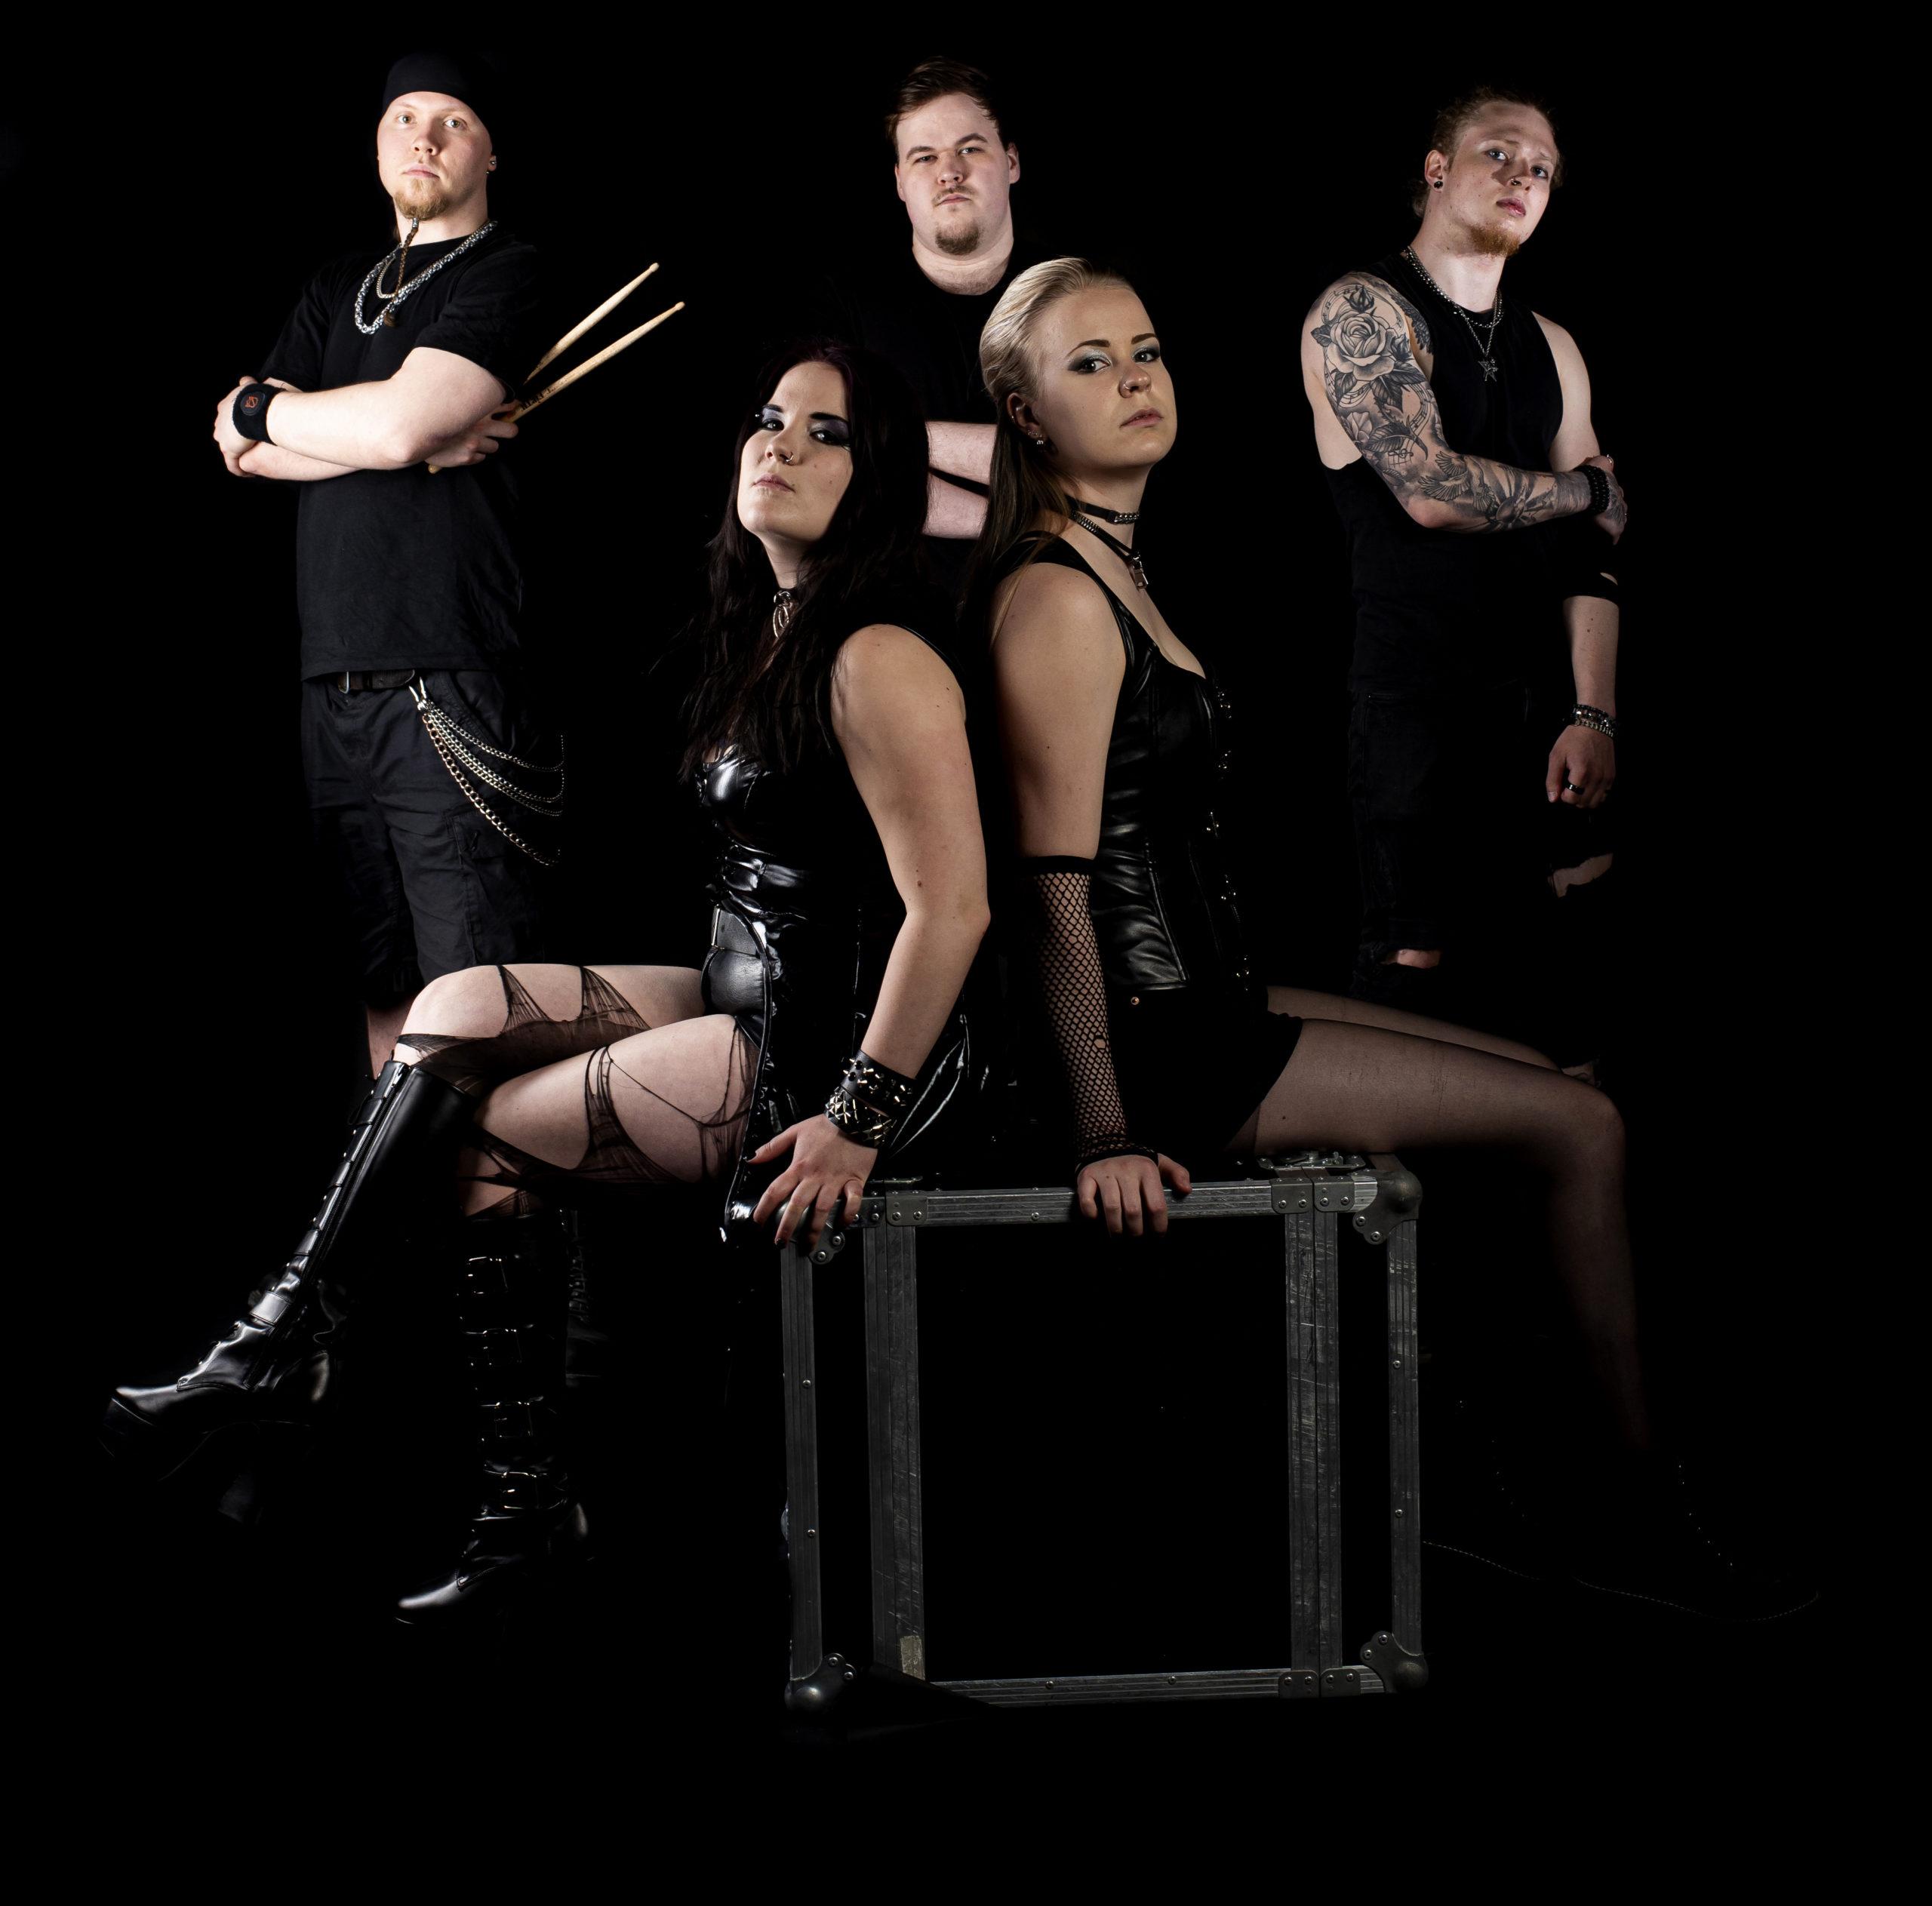 Nevicatelta uusi single: Intensiivistä draamametallia disco-poljennolla